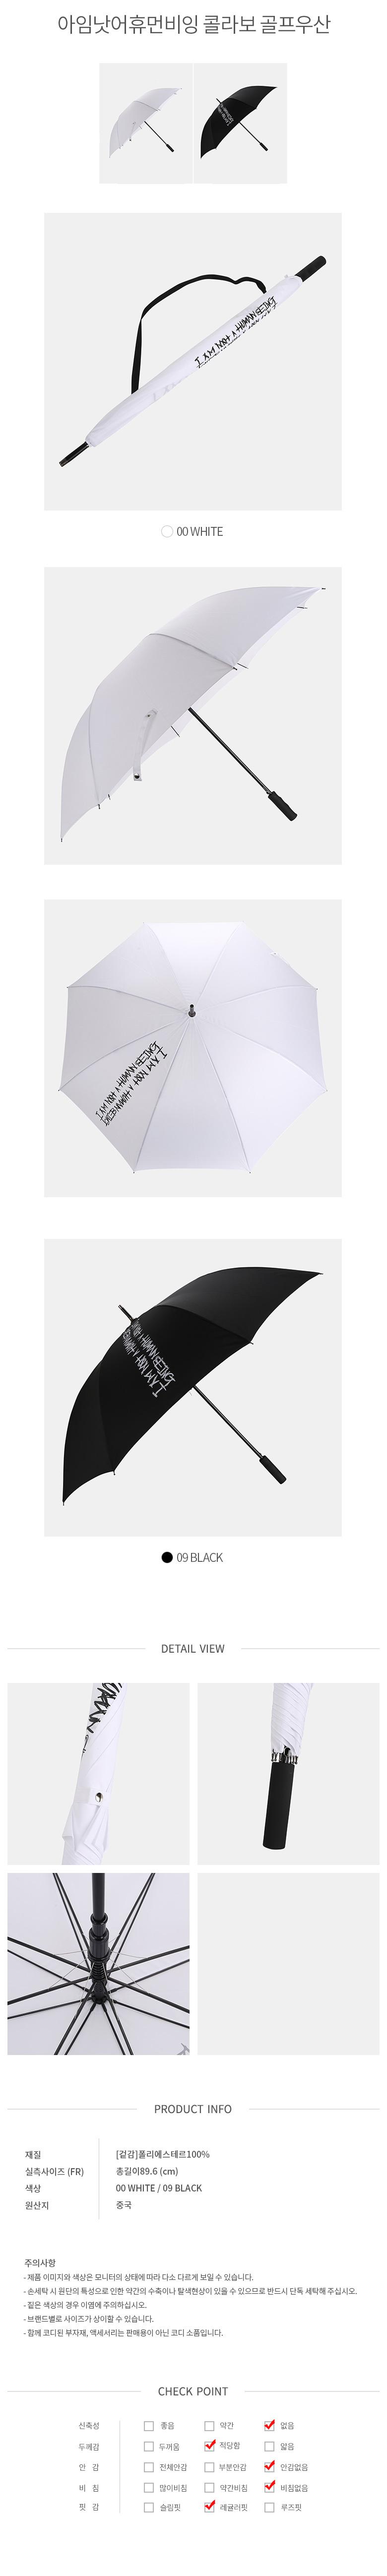 슈펜(SHOOPEN) 아임낫어휴먼비잉 콜라보 골프 우산